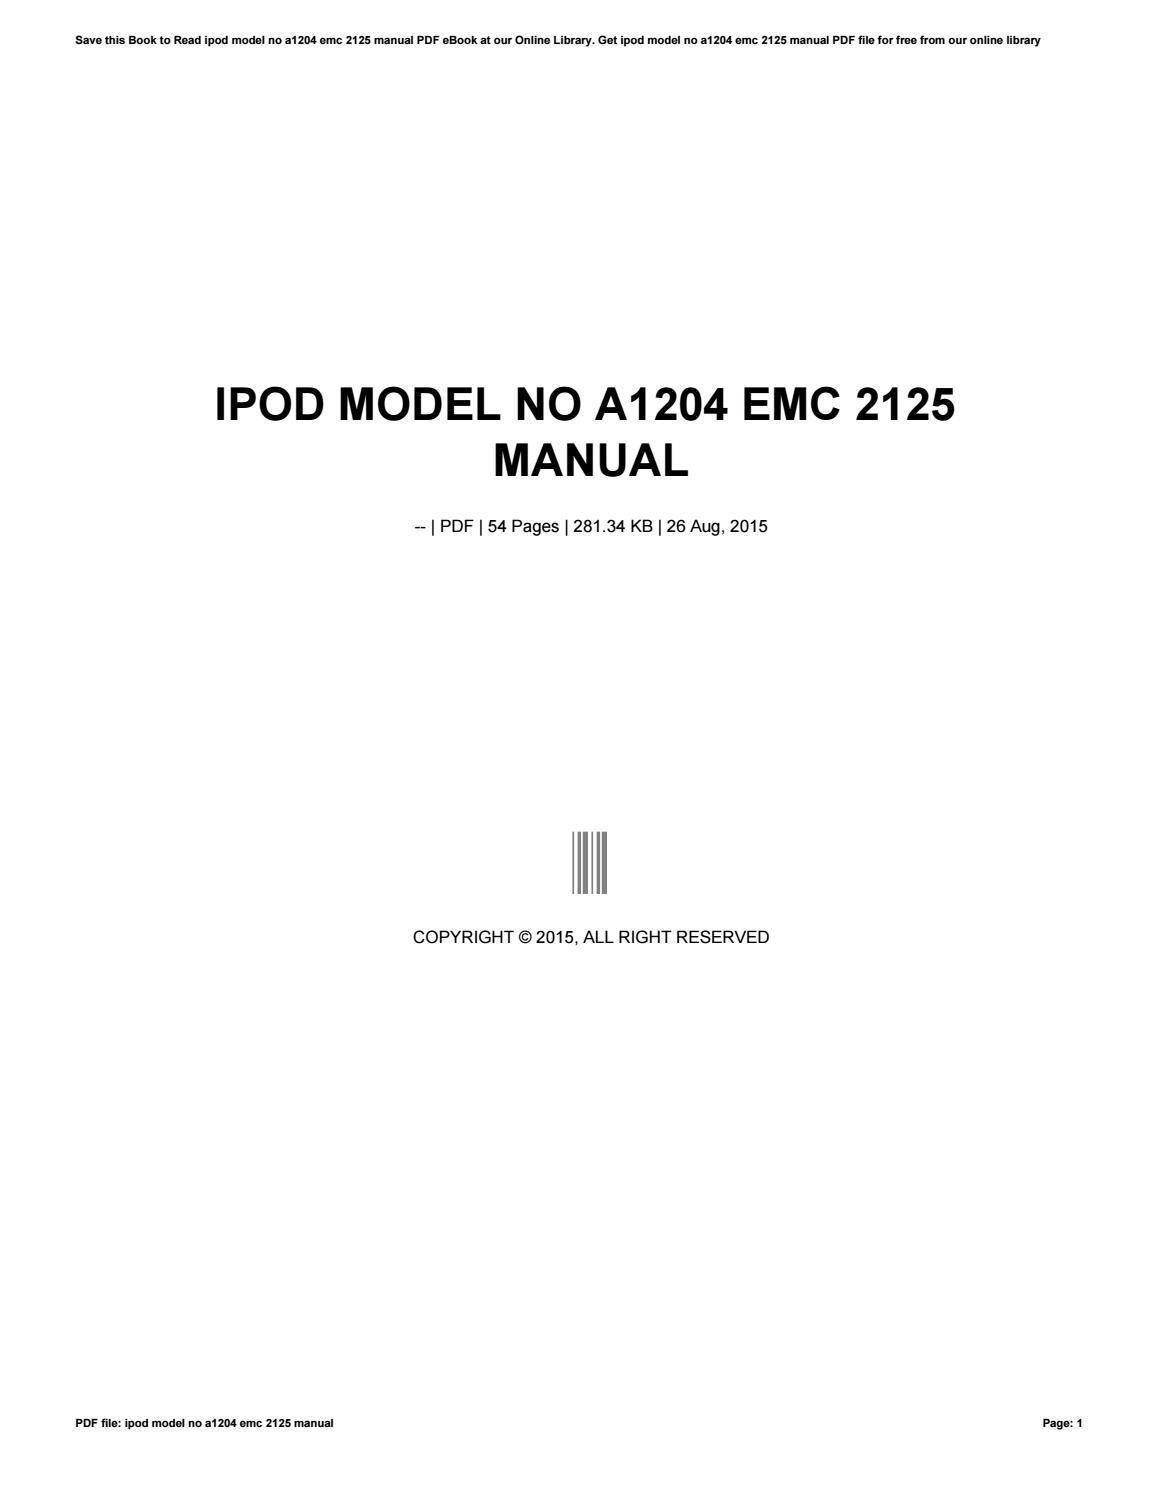 A1204 EMC 2125 DESCARGAR CONTROLADOR